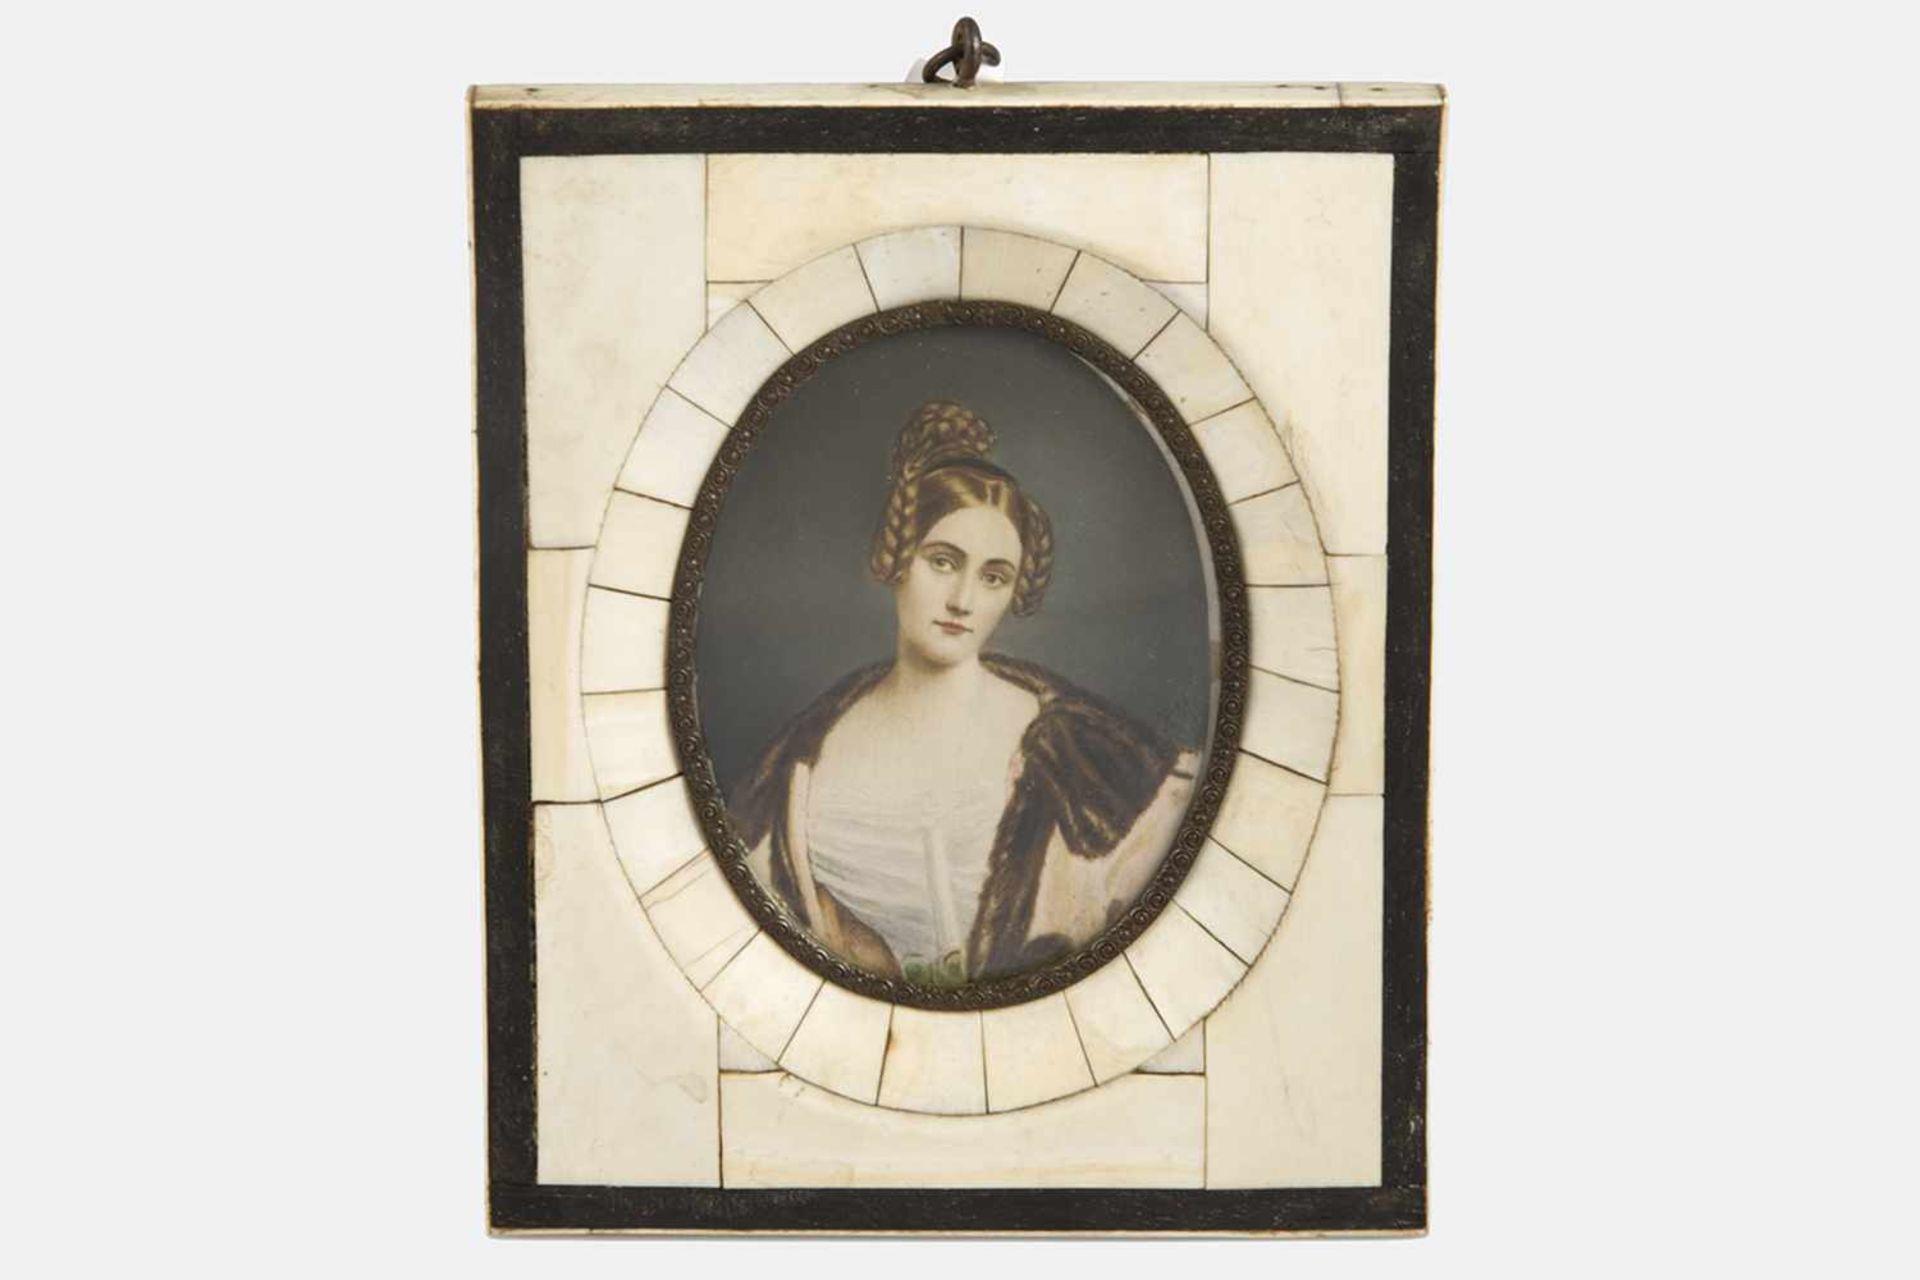 Los 2 - Aquarellminiatur, Anfang 20.Jh., Bildnis einer jungen Dame mit Zöpfen, mit elegantem Kleid und